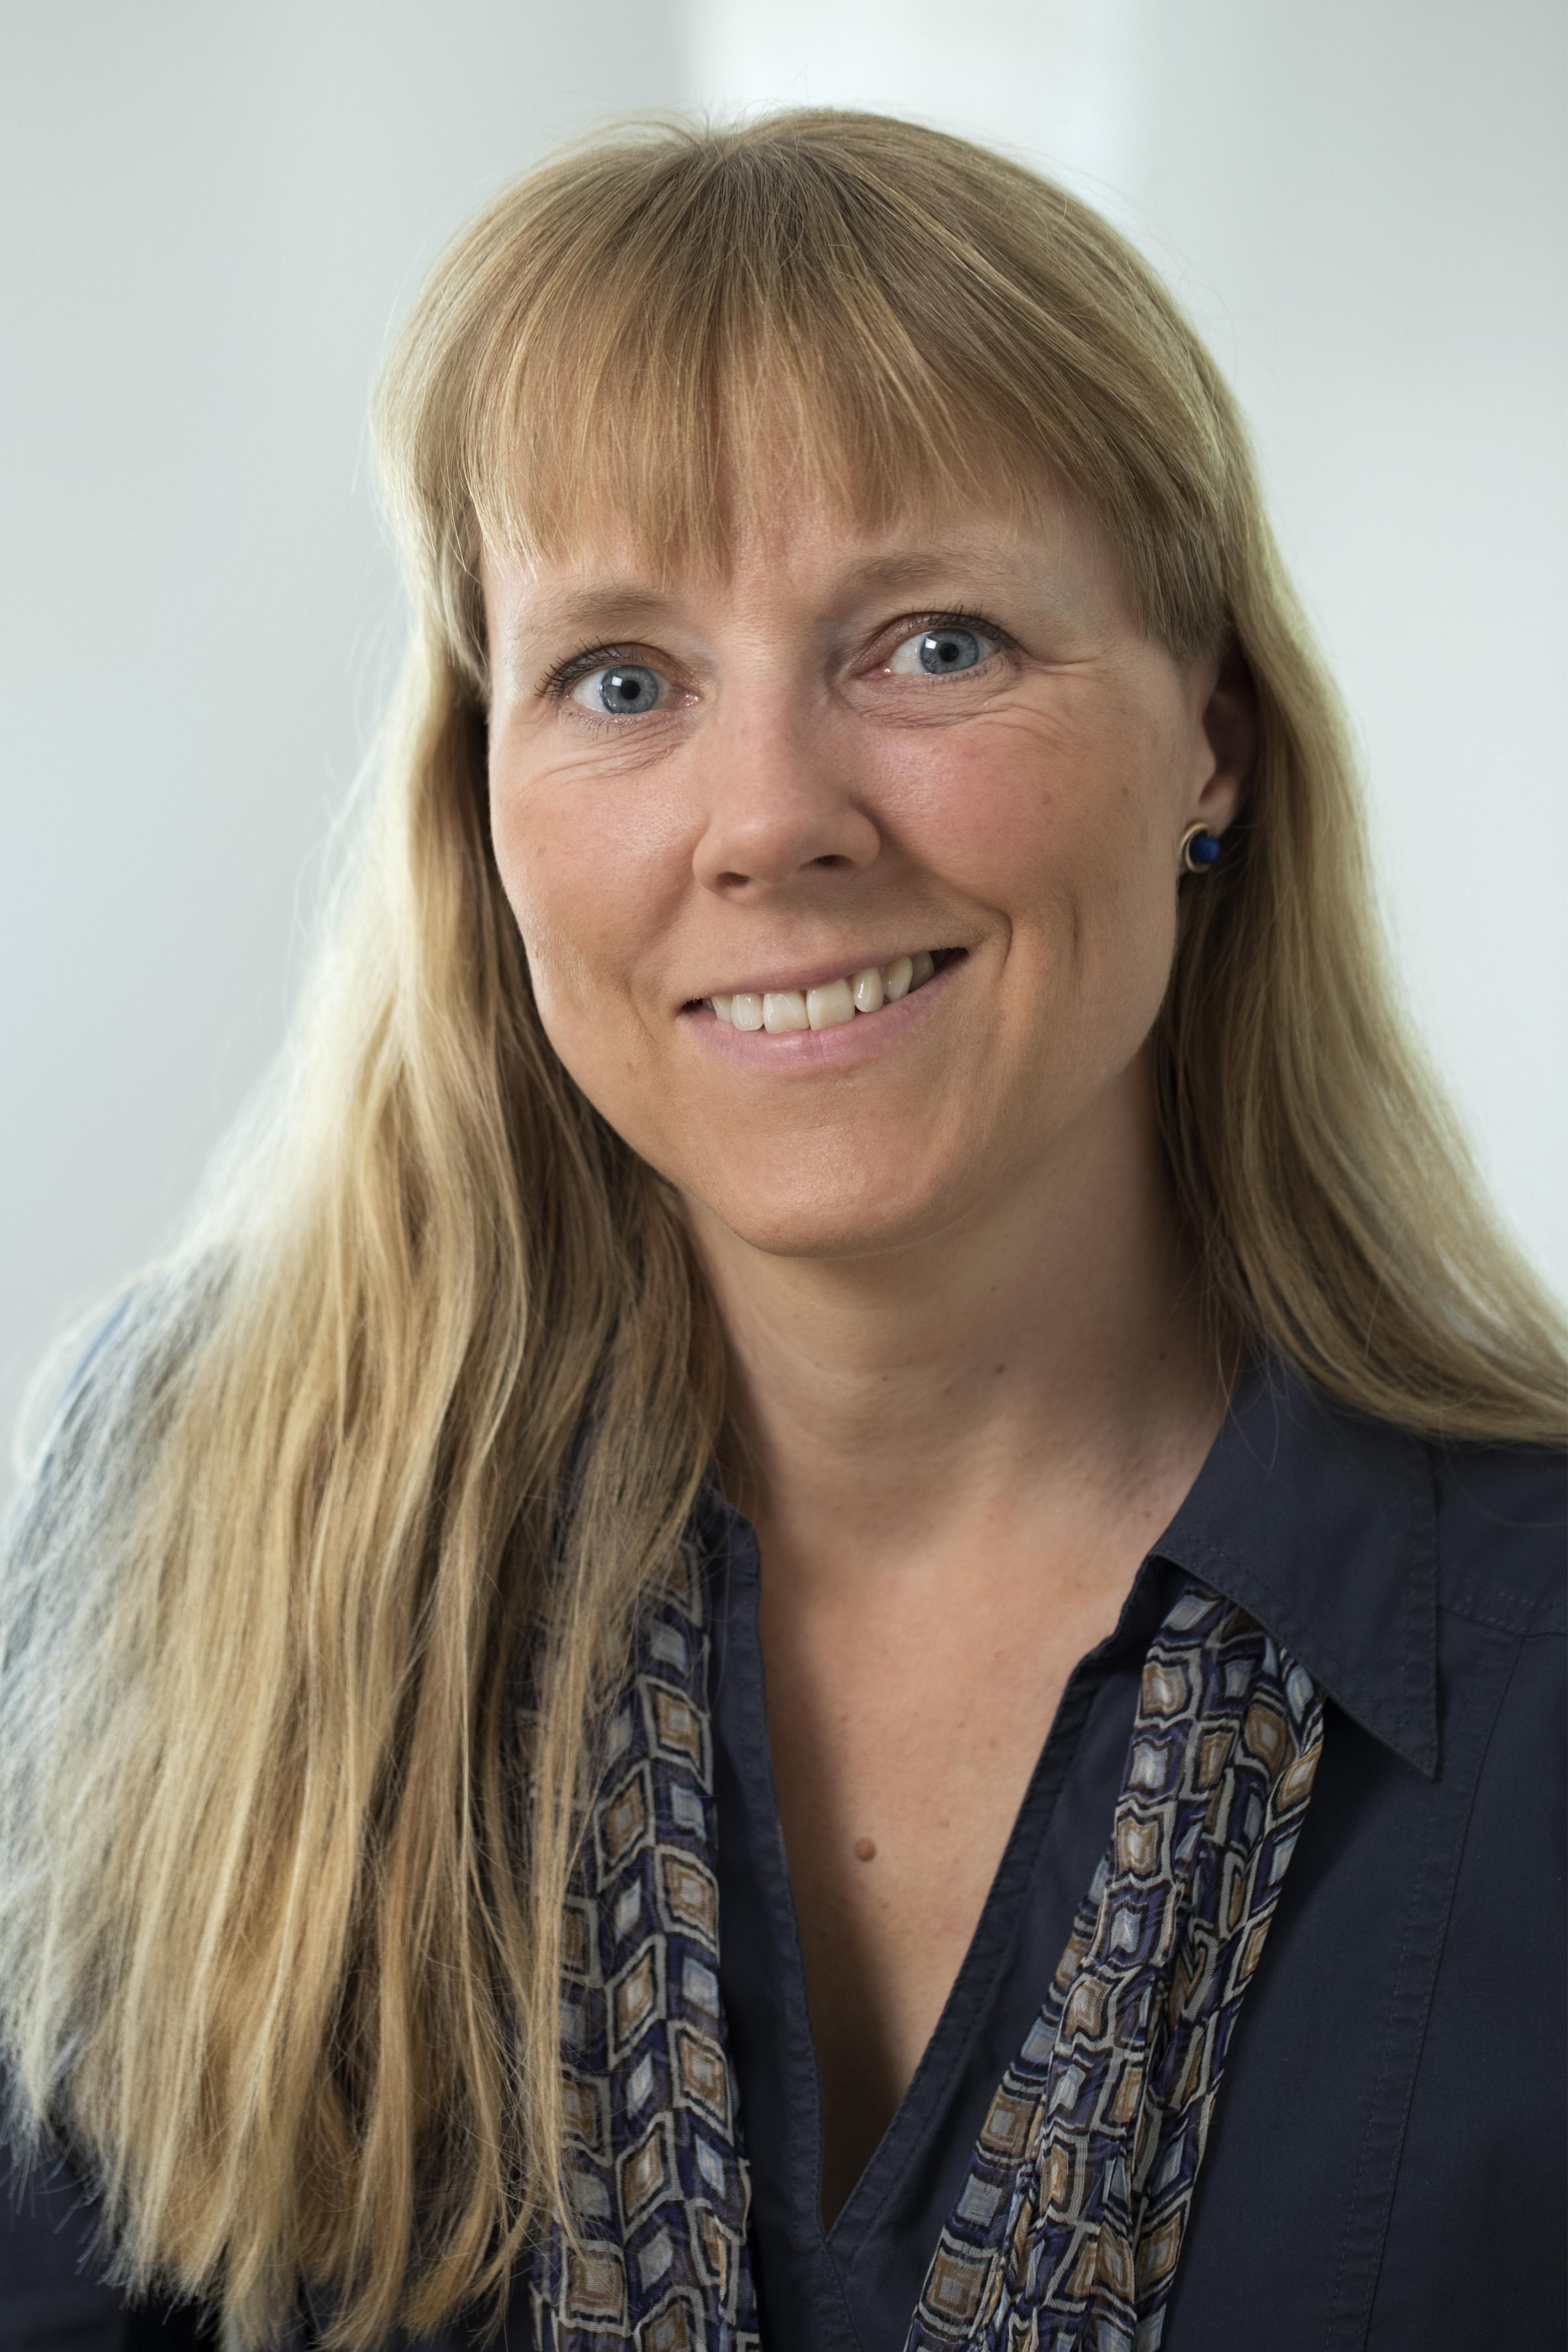 Ann Carina Schødt